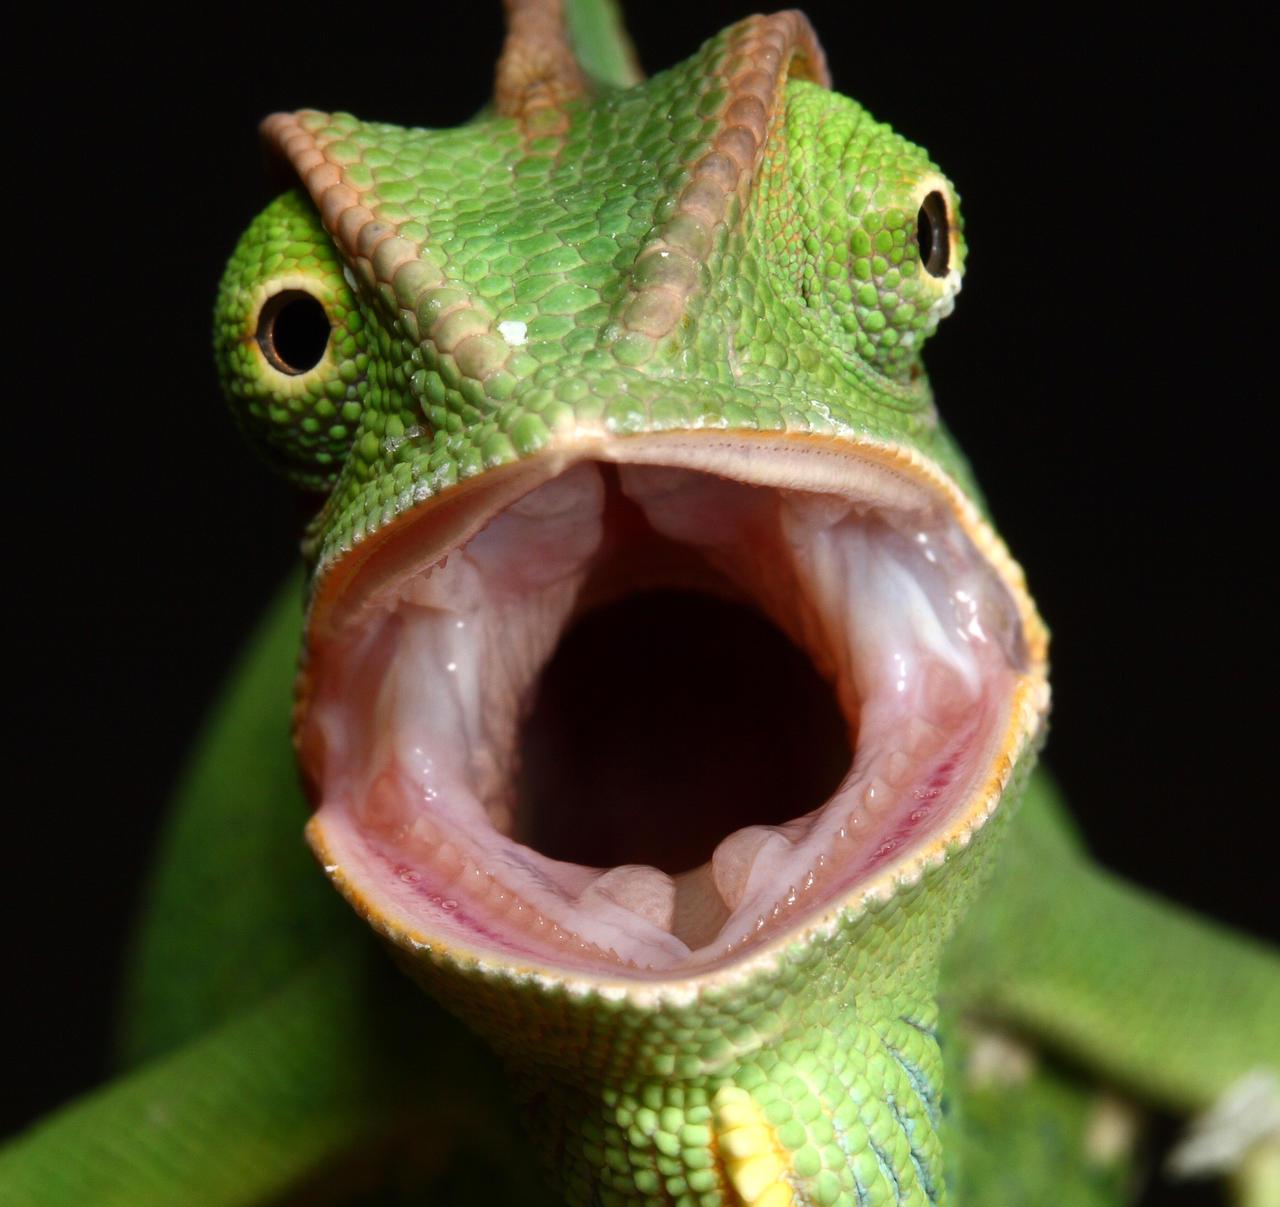 Male Veiled Chameleon yemen